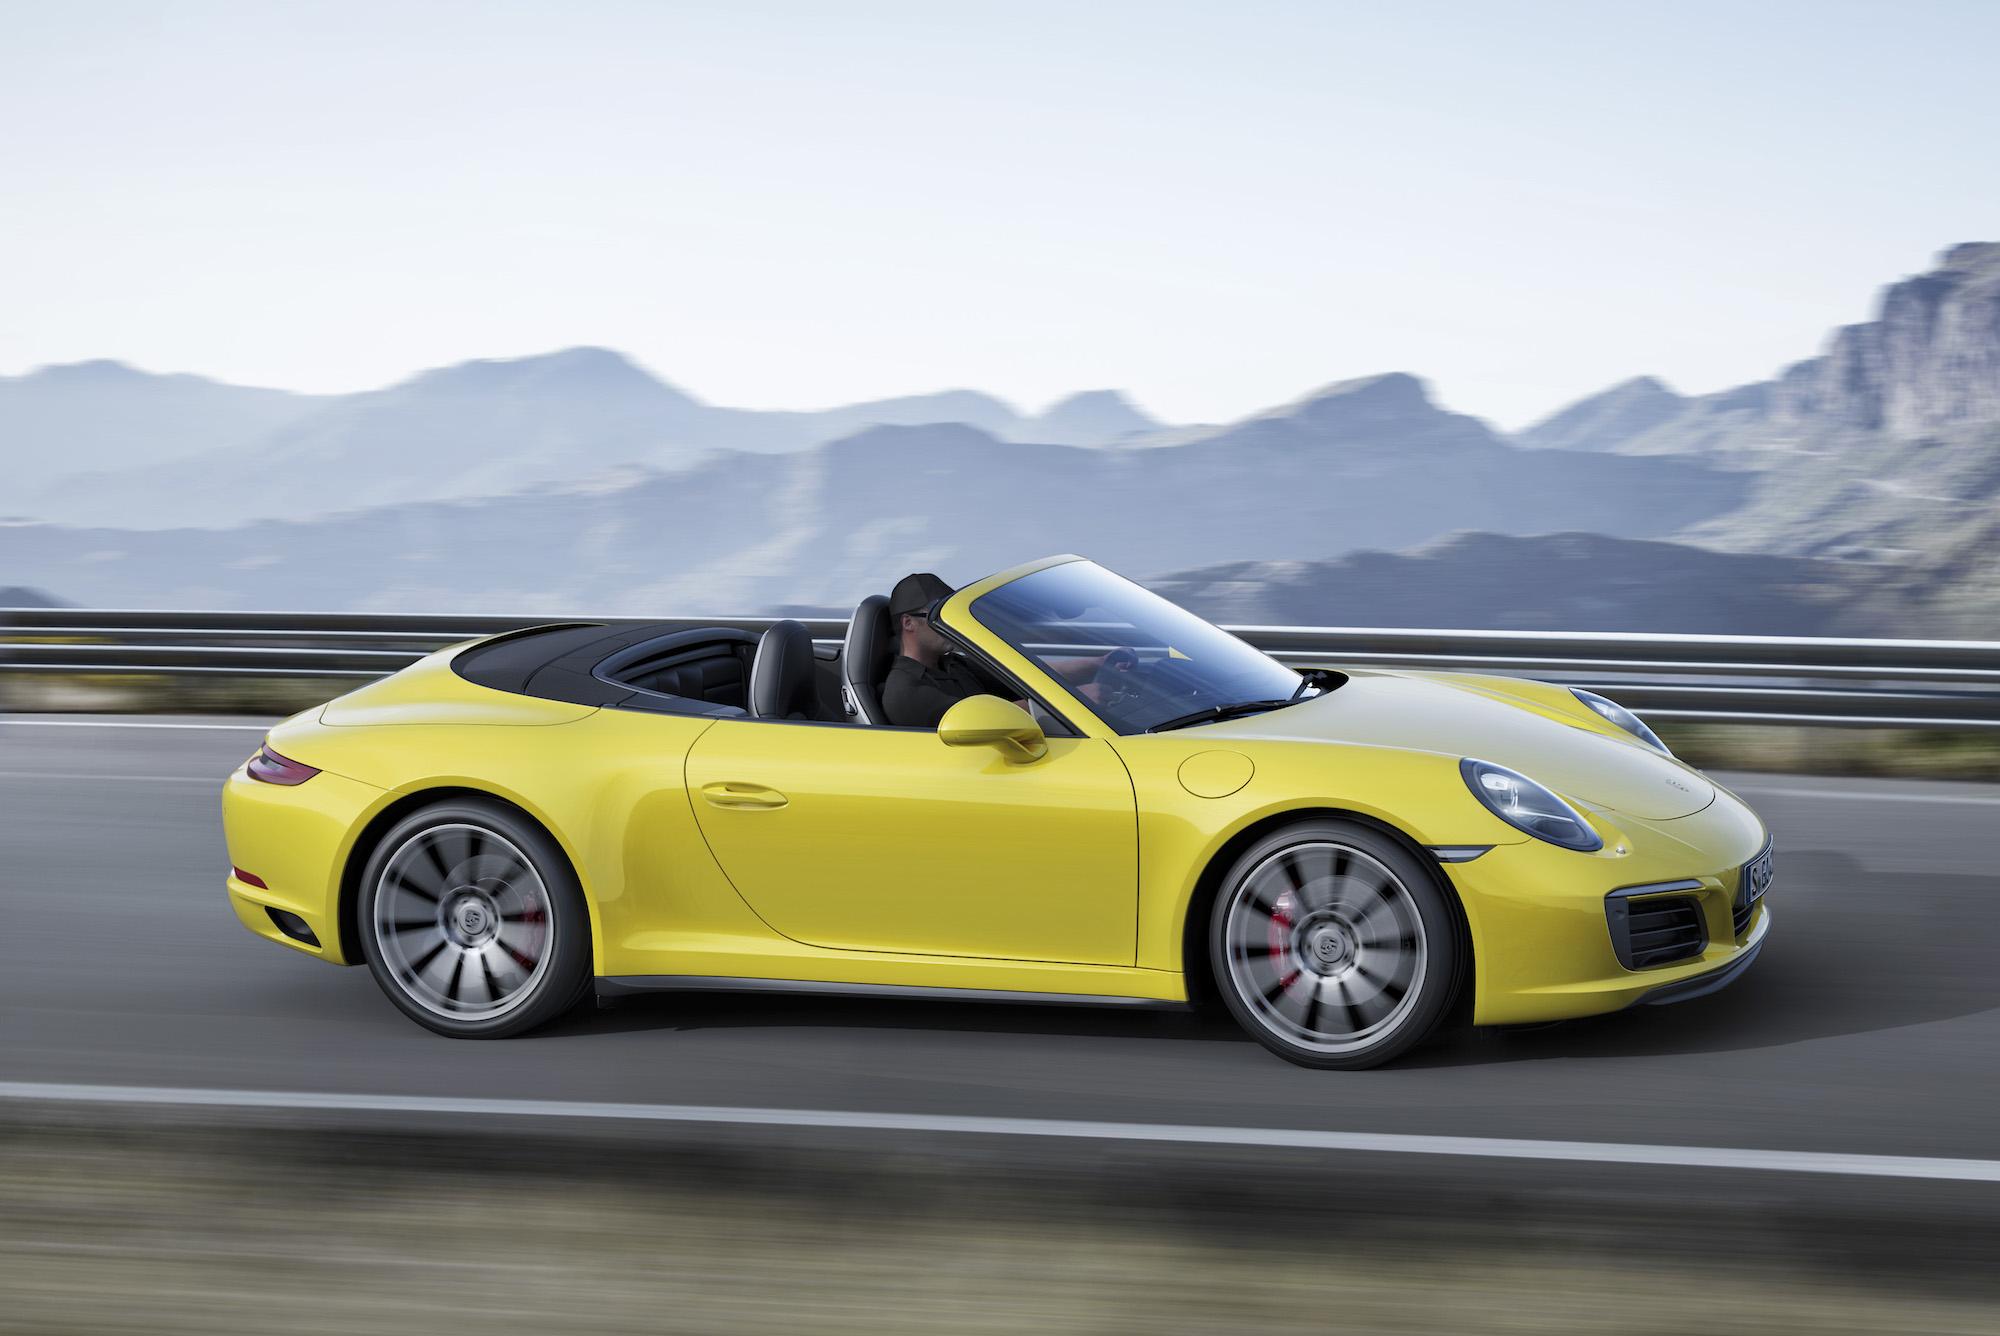 テレビや映画などで、走っている車のタイヤが逆回転して見えるのはなぜ?